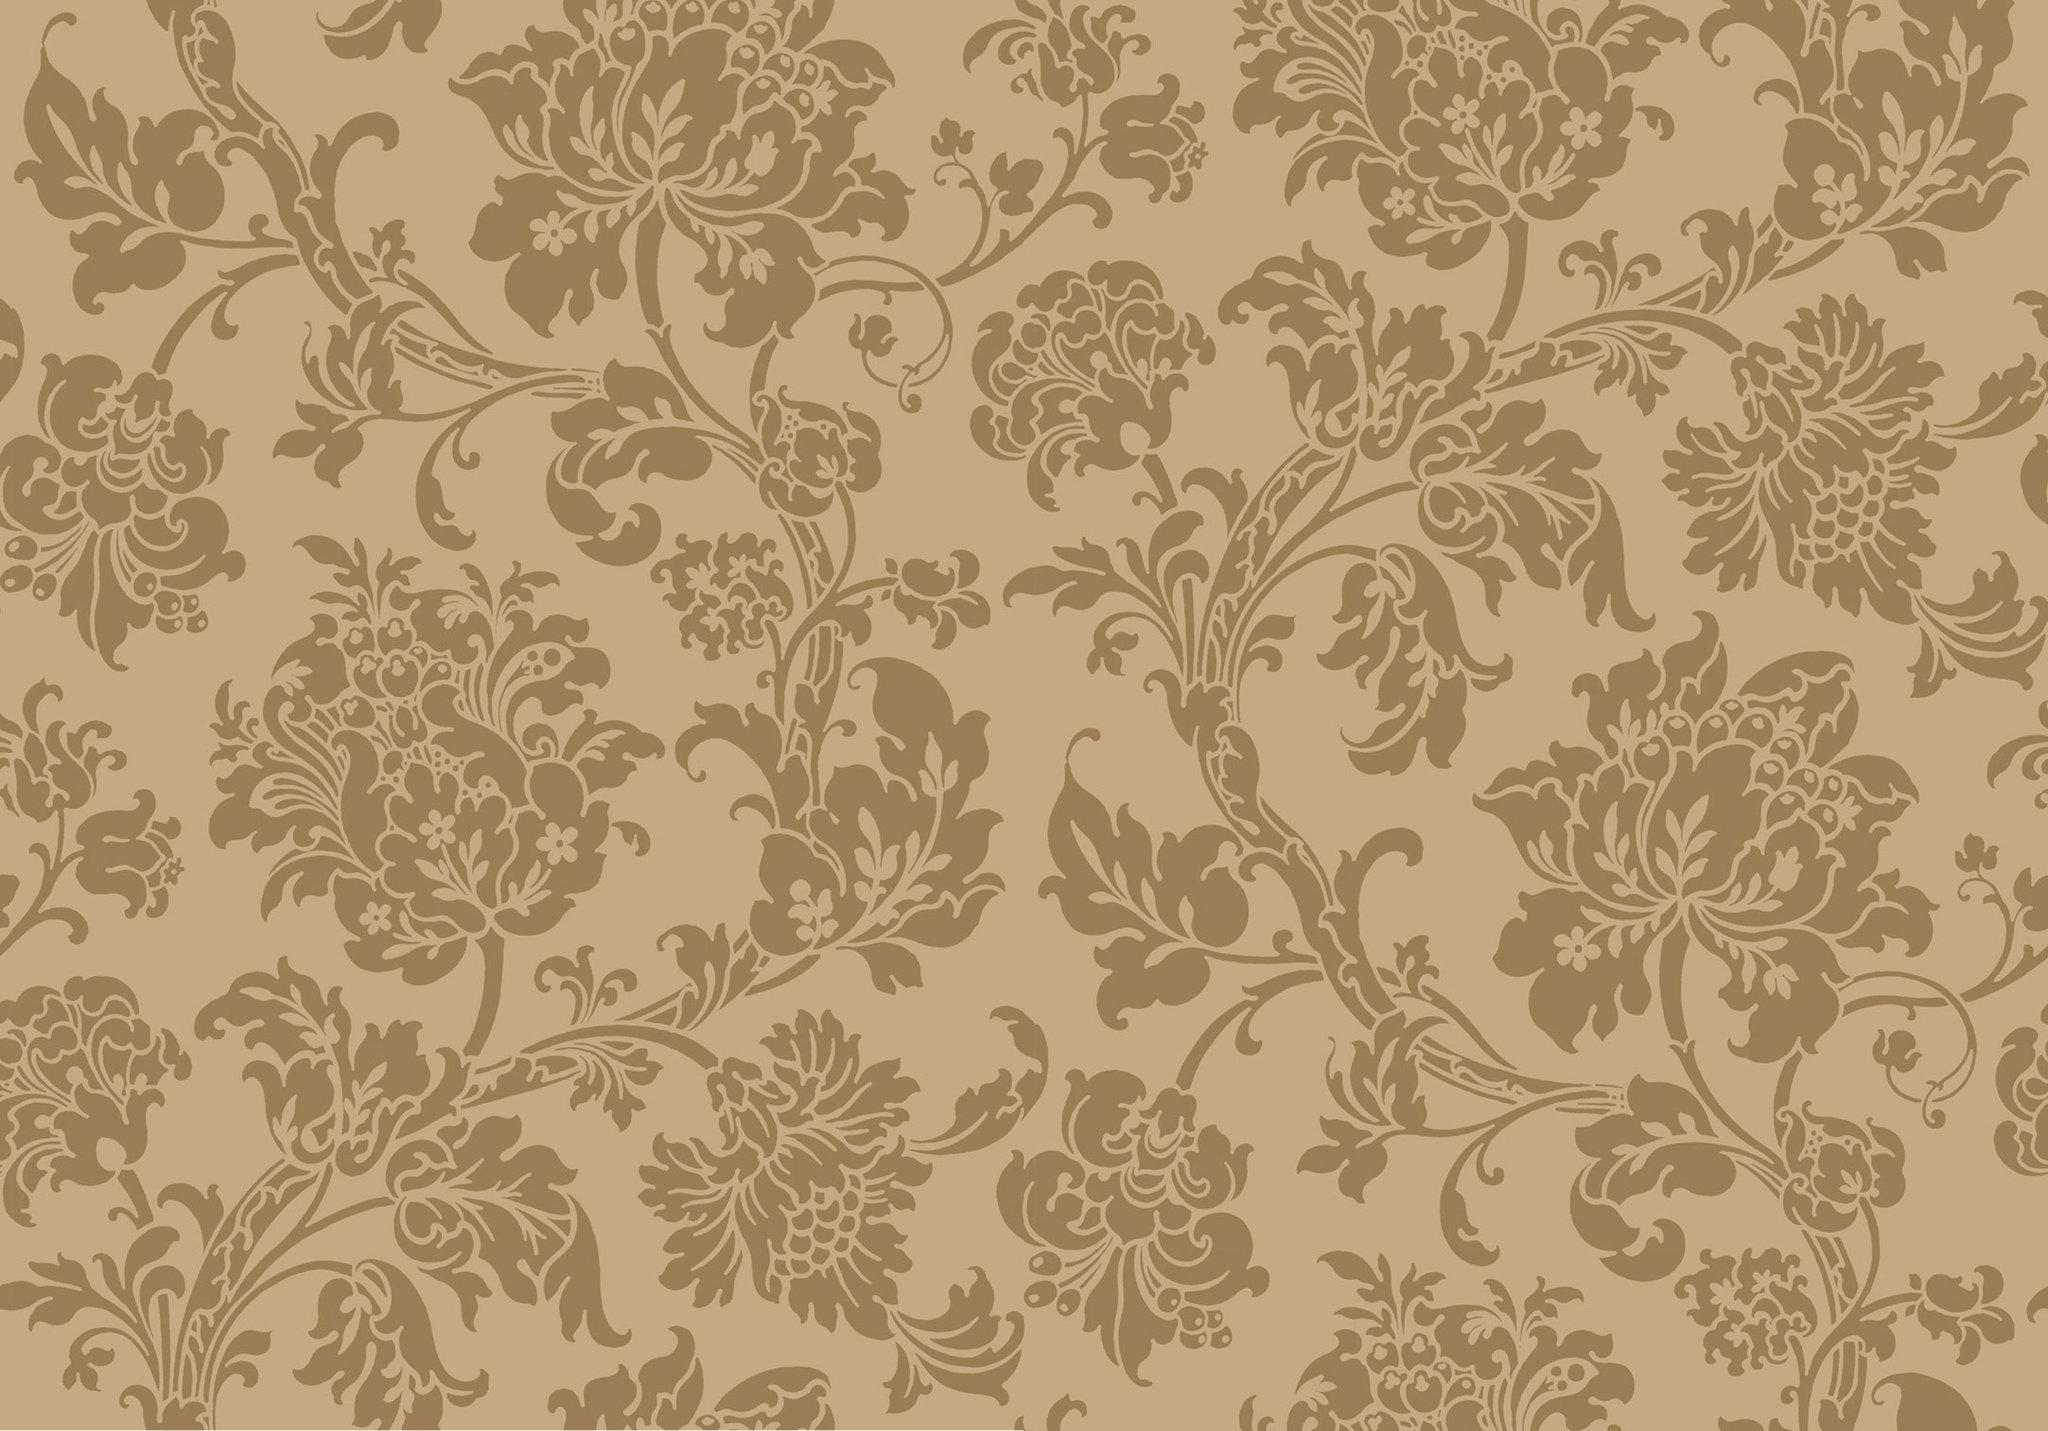 Обои Cole & Son Collection of Flowers 81/10043, интернет магазин Волео